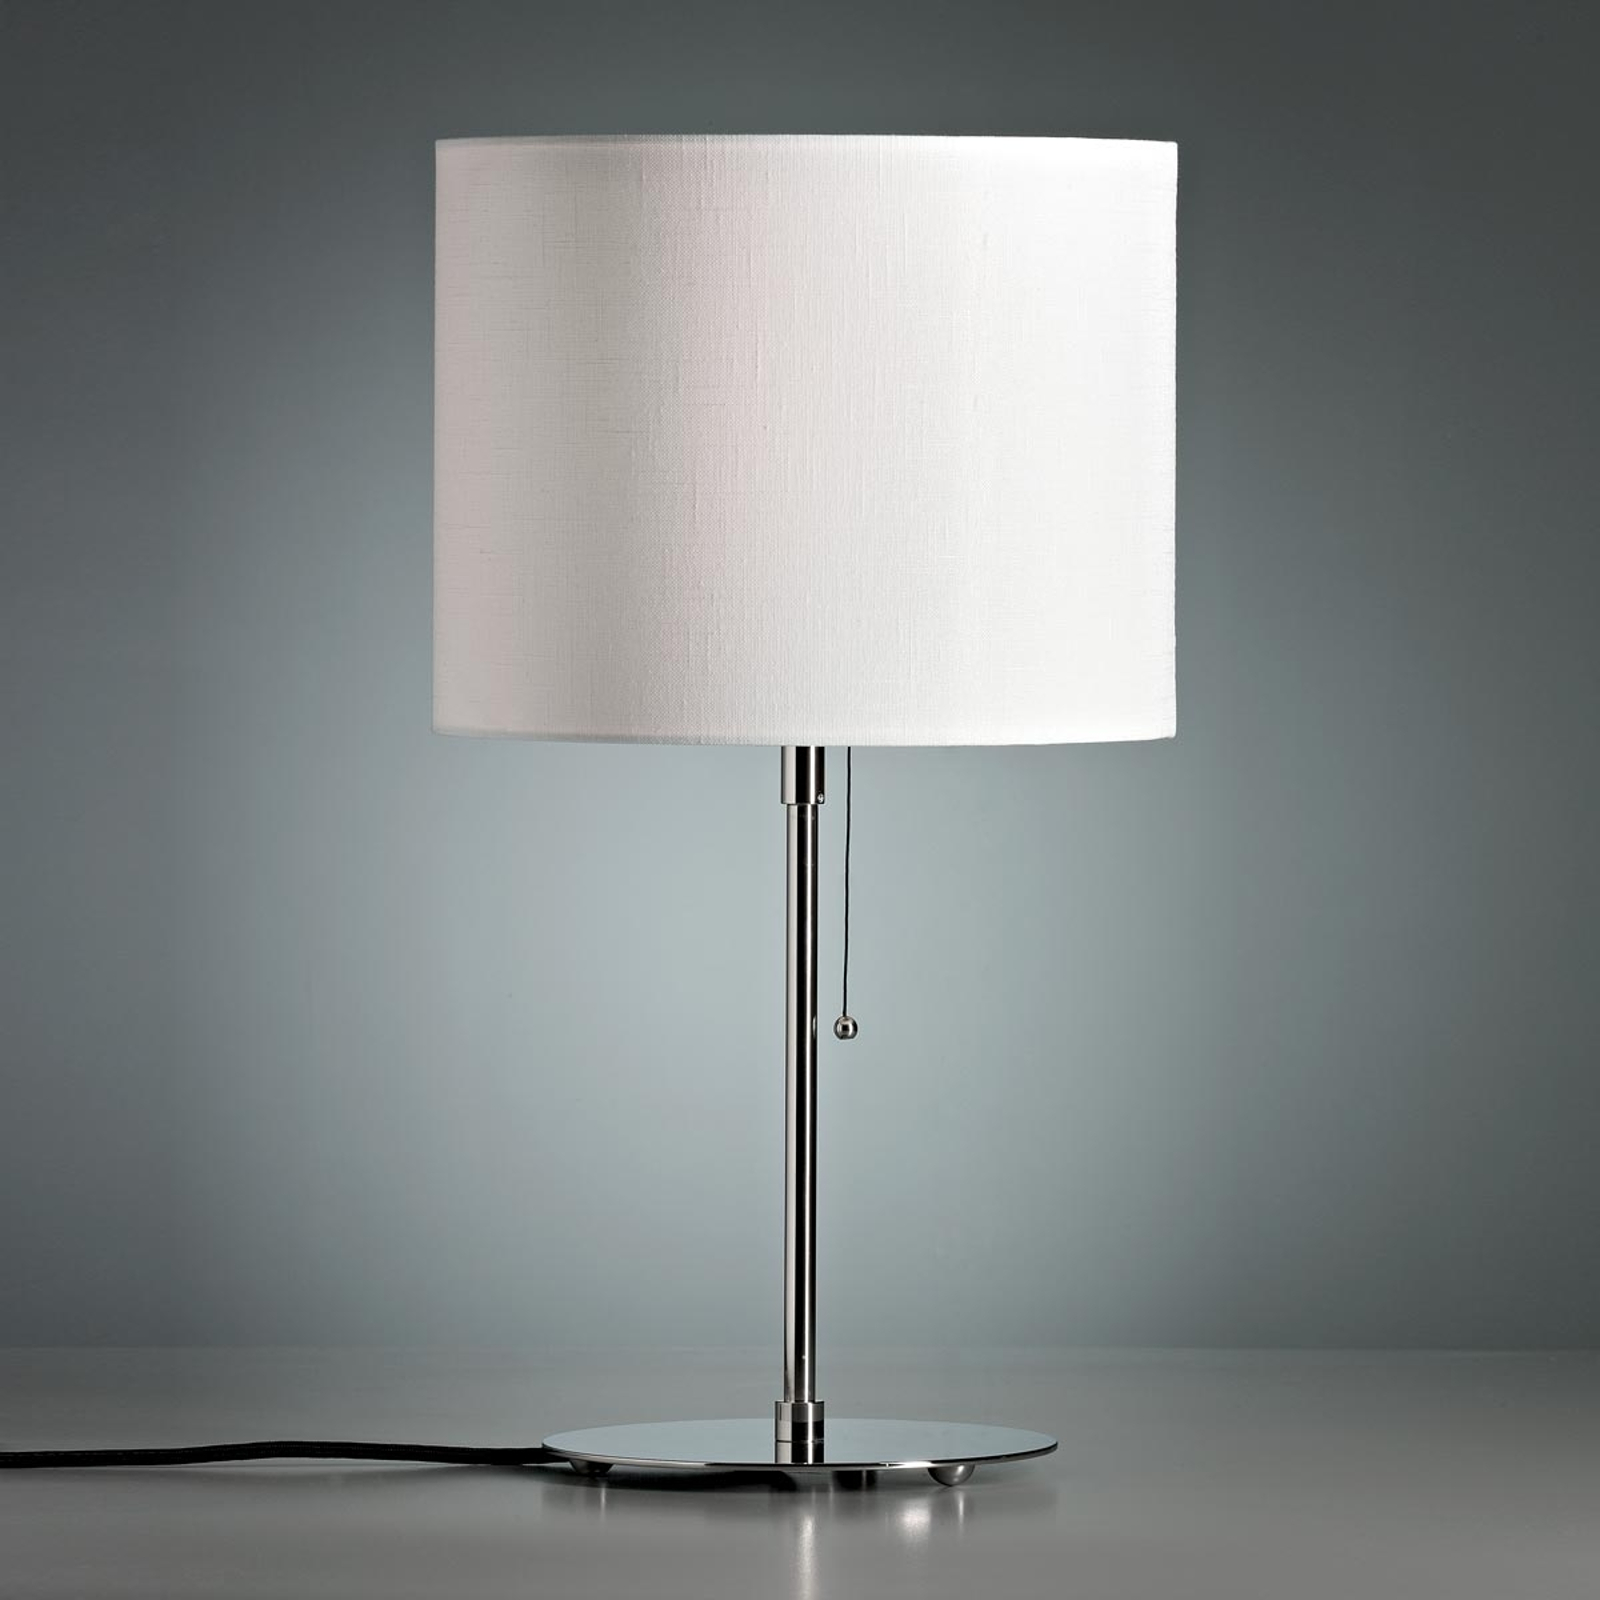 Tafellamp met gekleurde linnen kap, wit